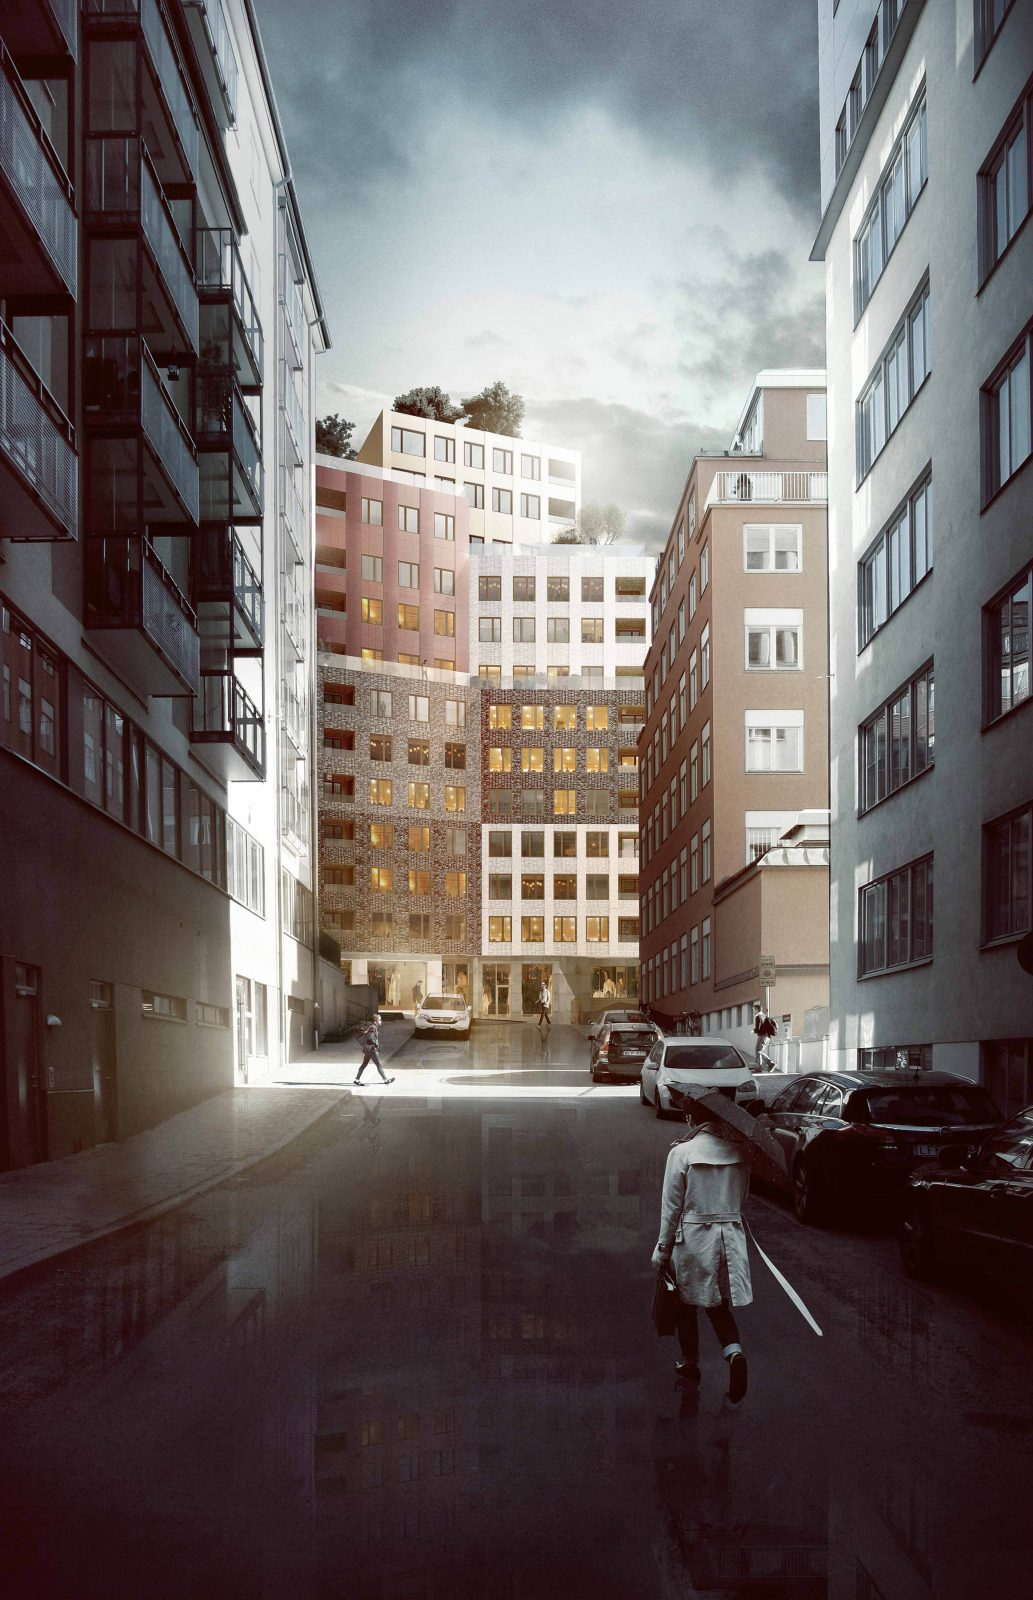 KjellanderSjoberg Etaget streetview03